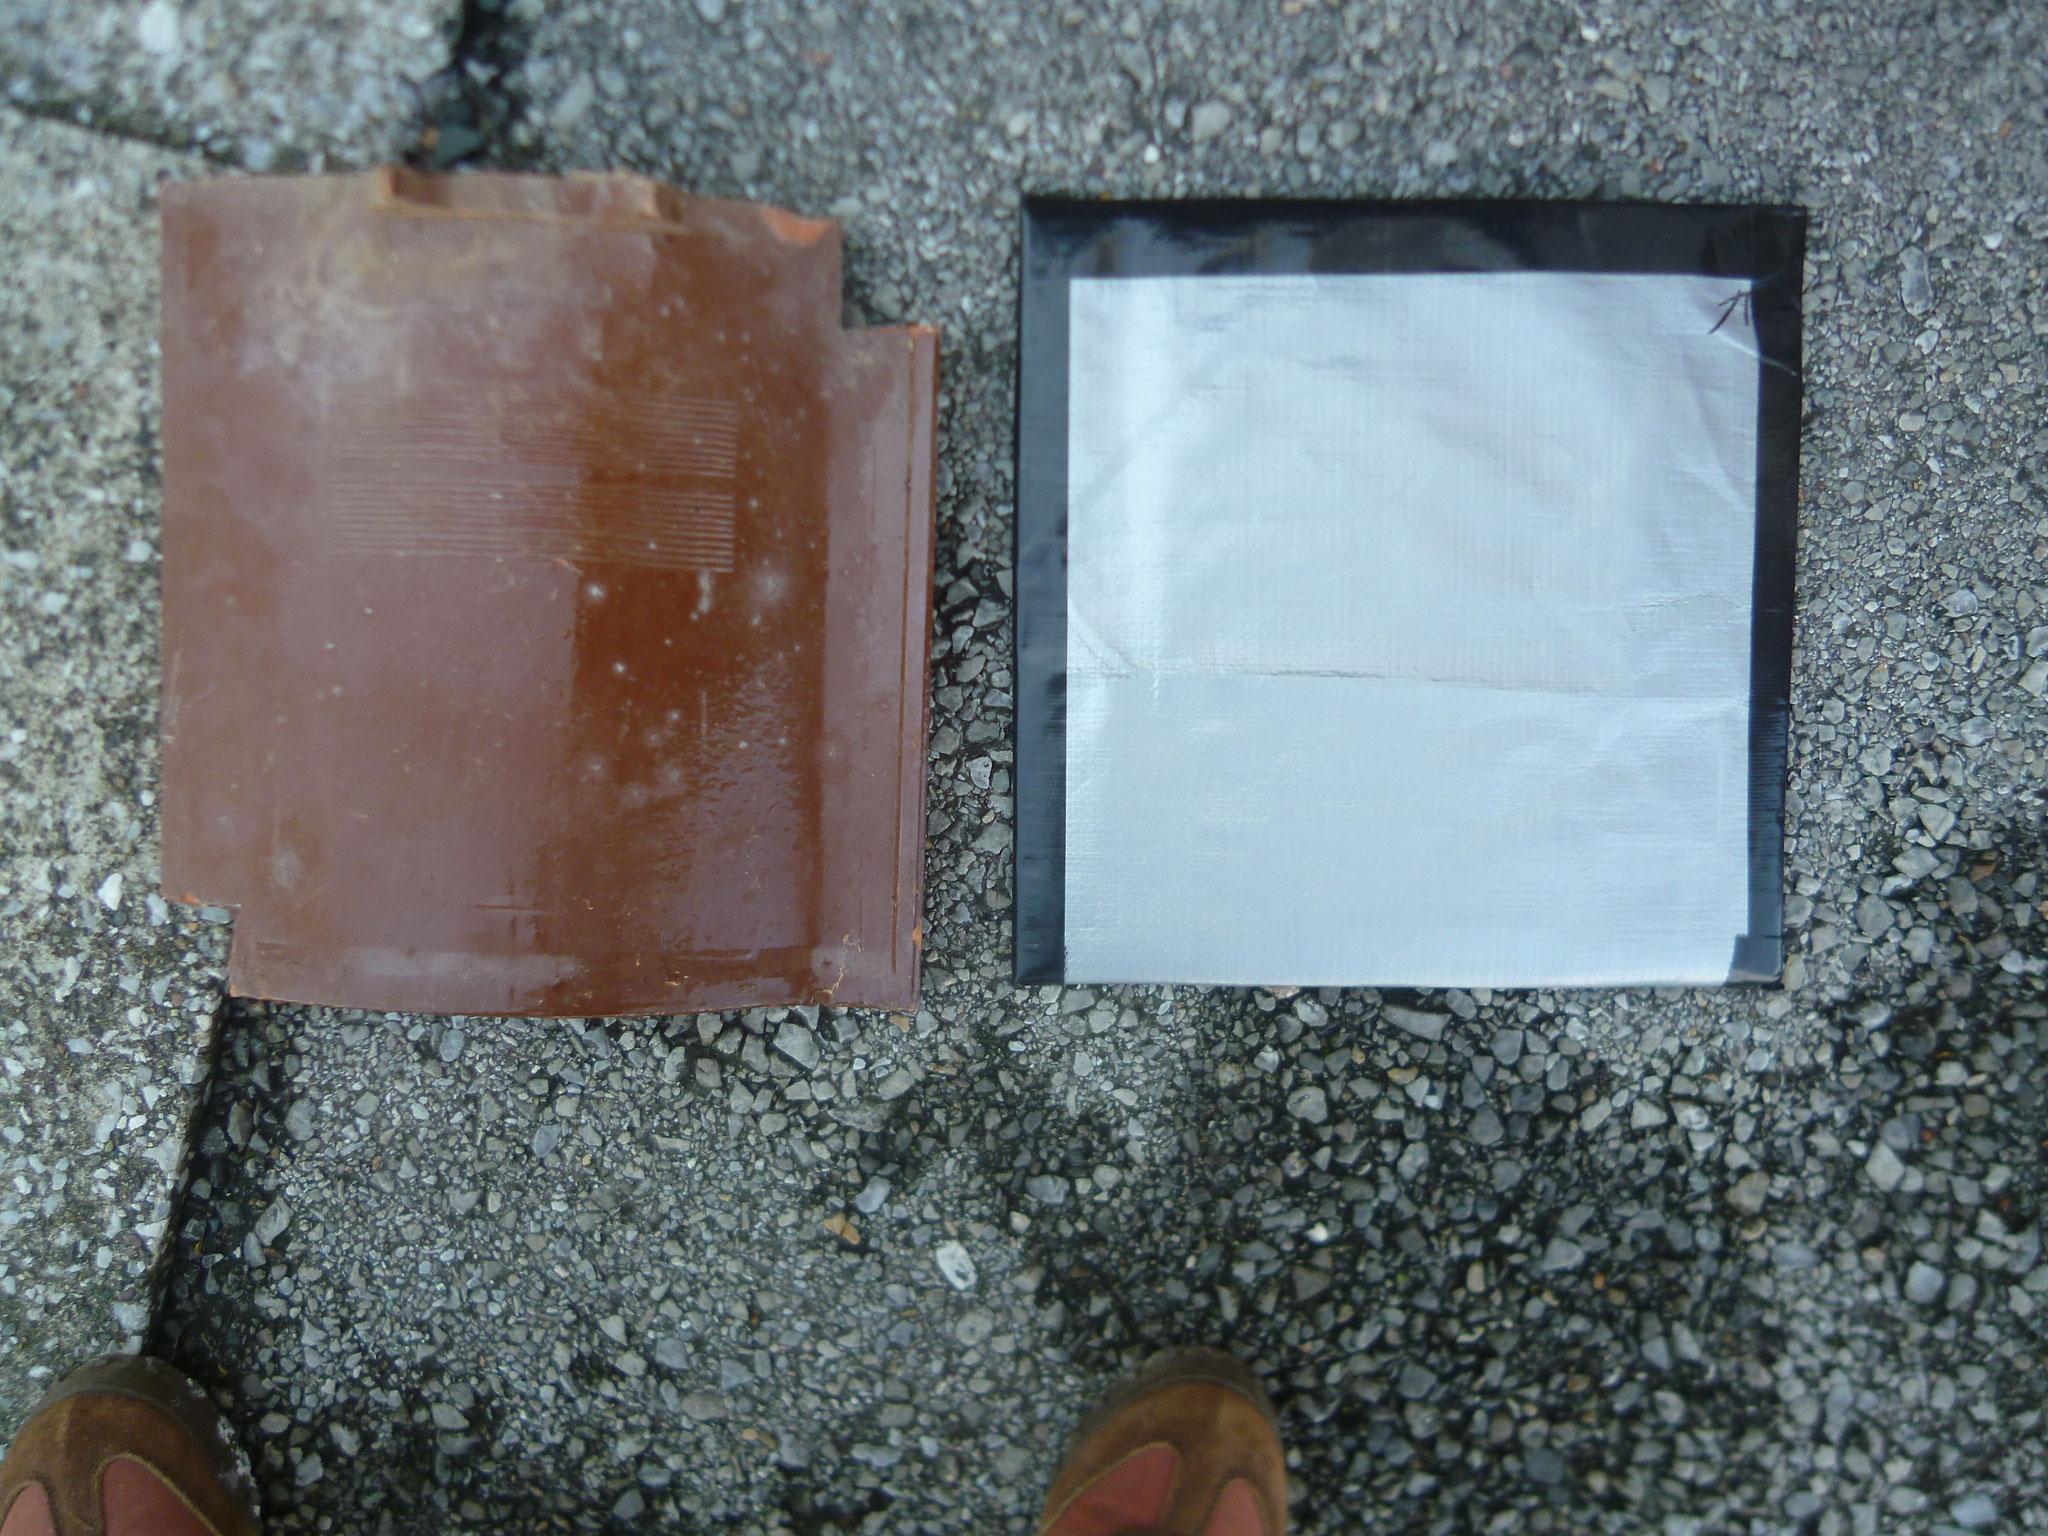 アシスト瓦。中身は30センチのダンボ―ル。←角に3センチの切れ込みがある。自作の瓦の代用品